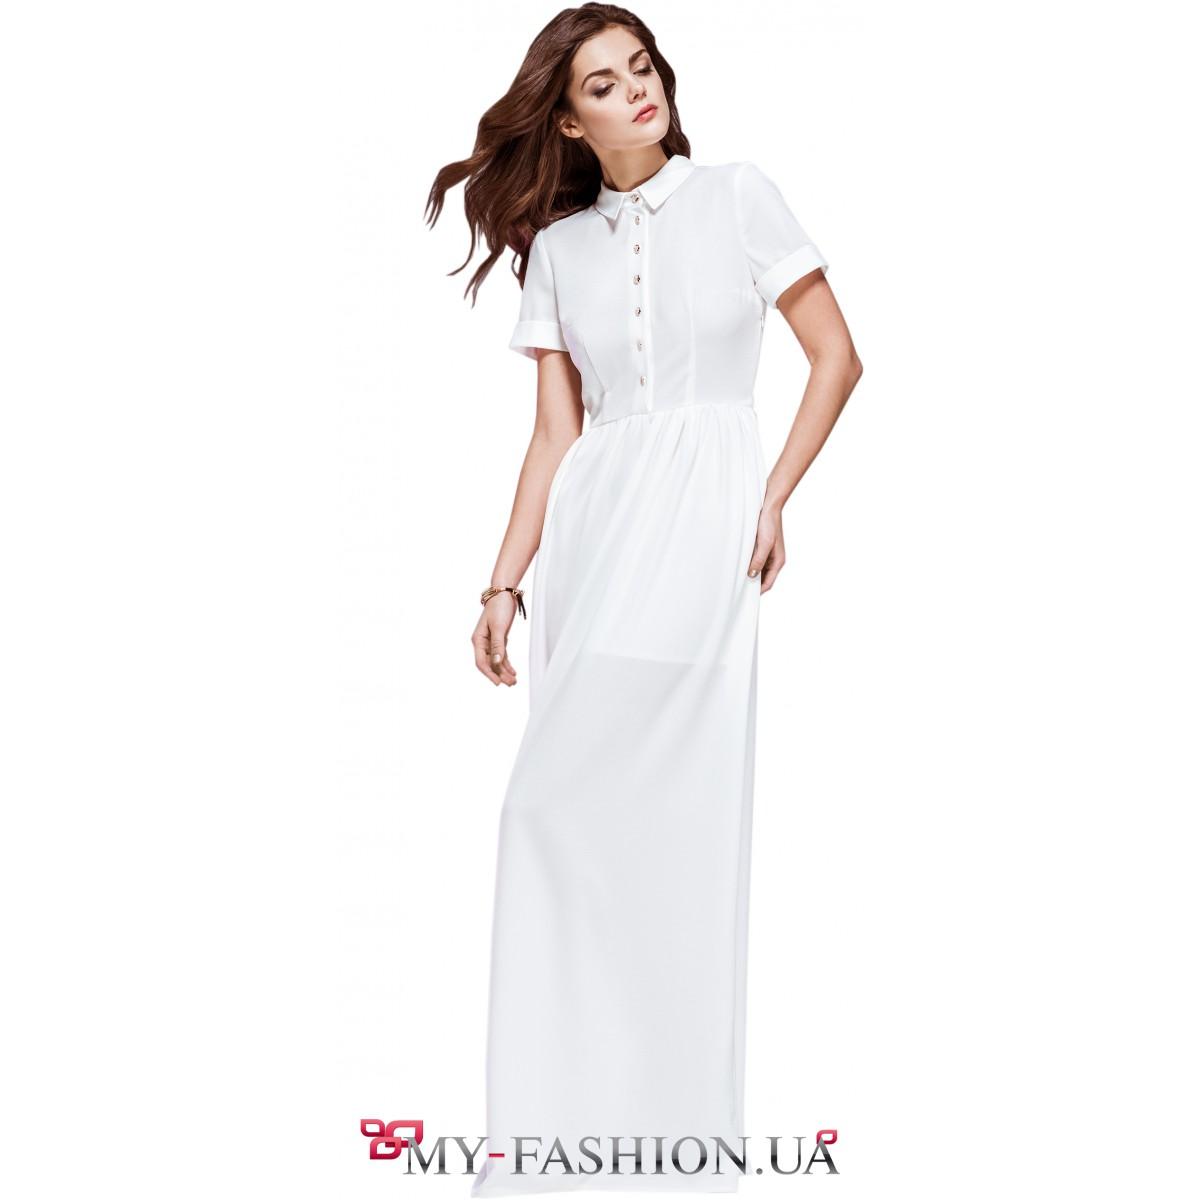 Купить платье белого цвета в интернет